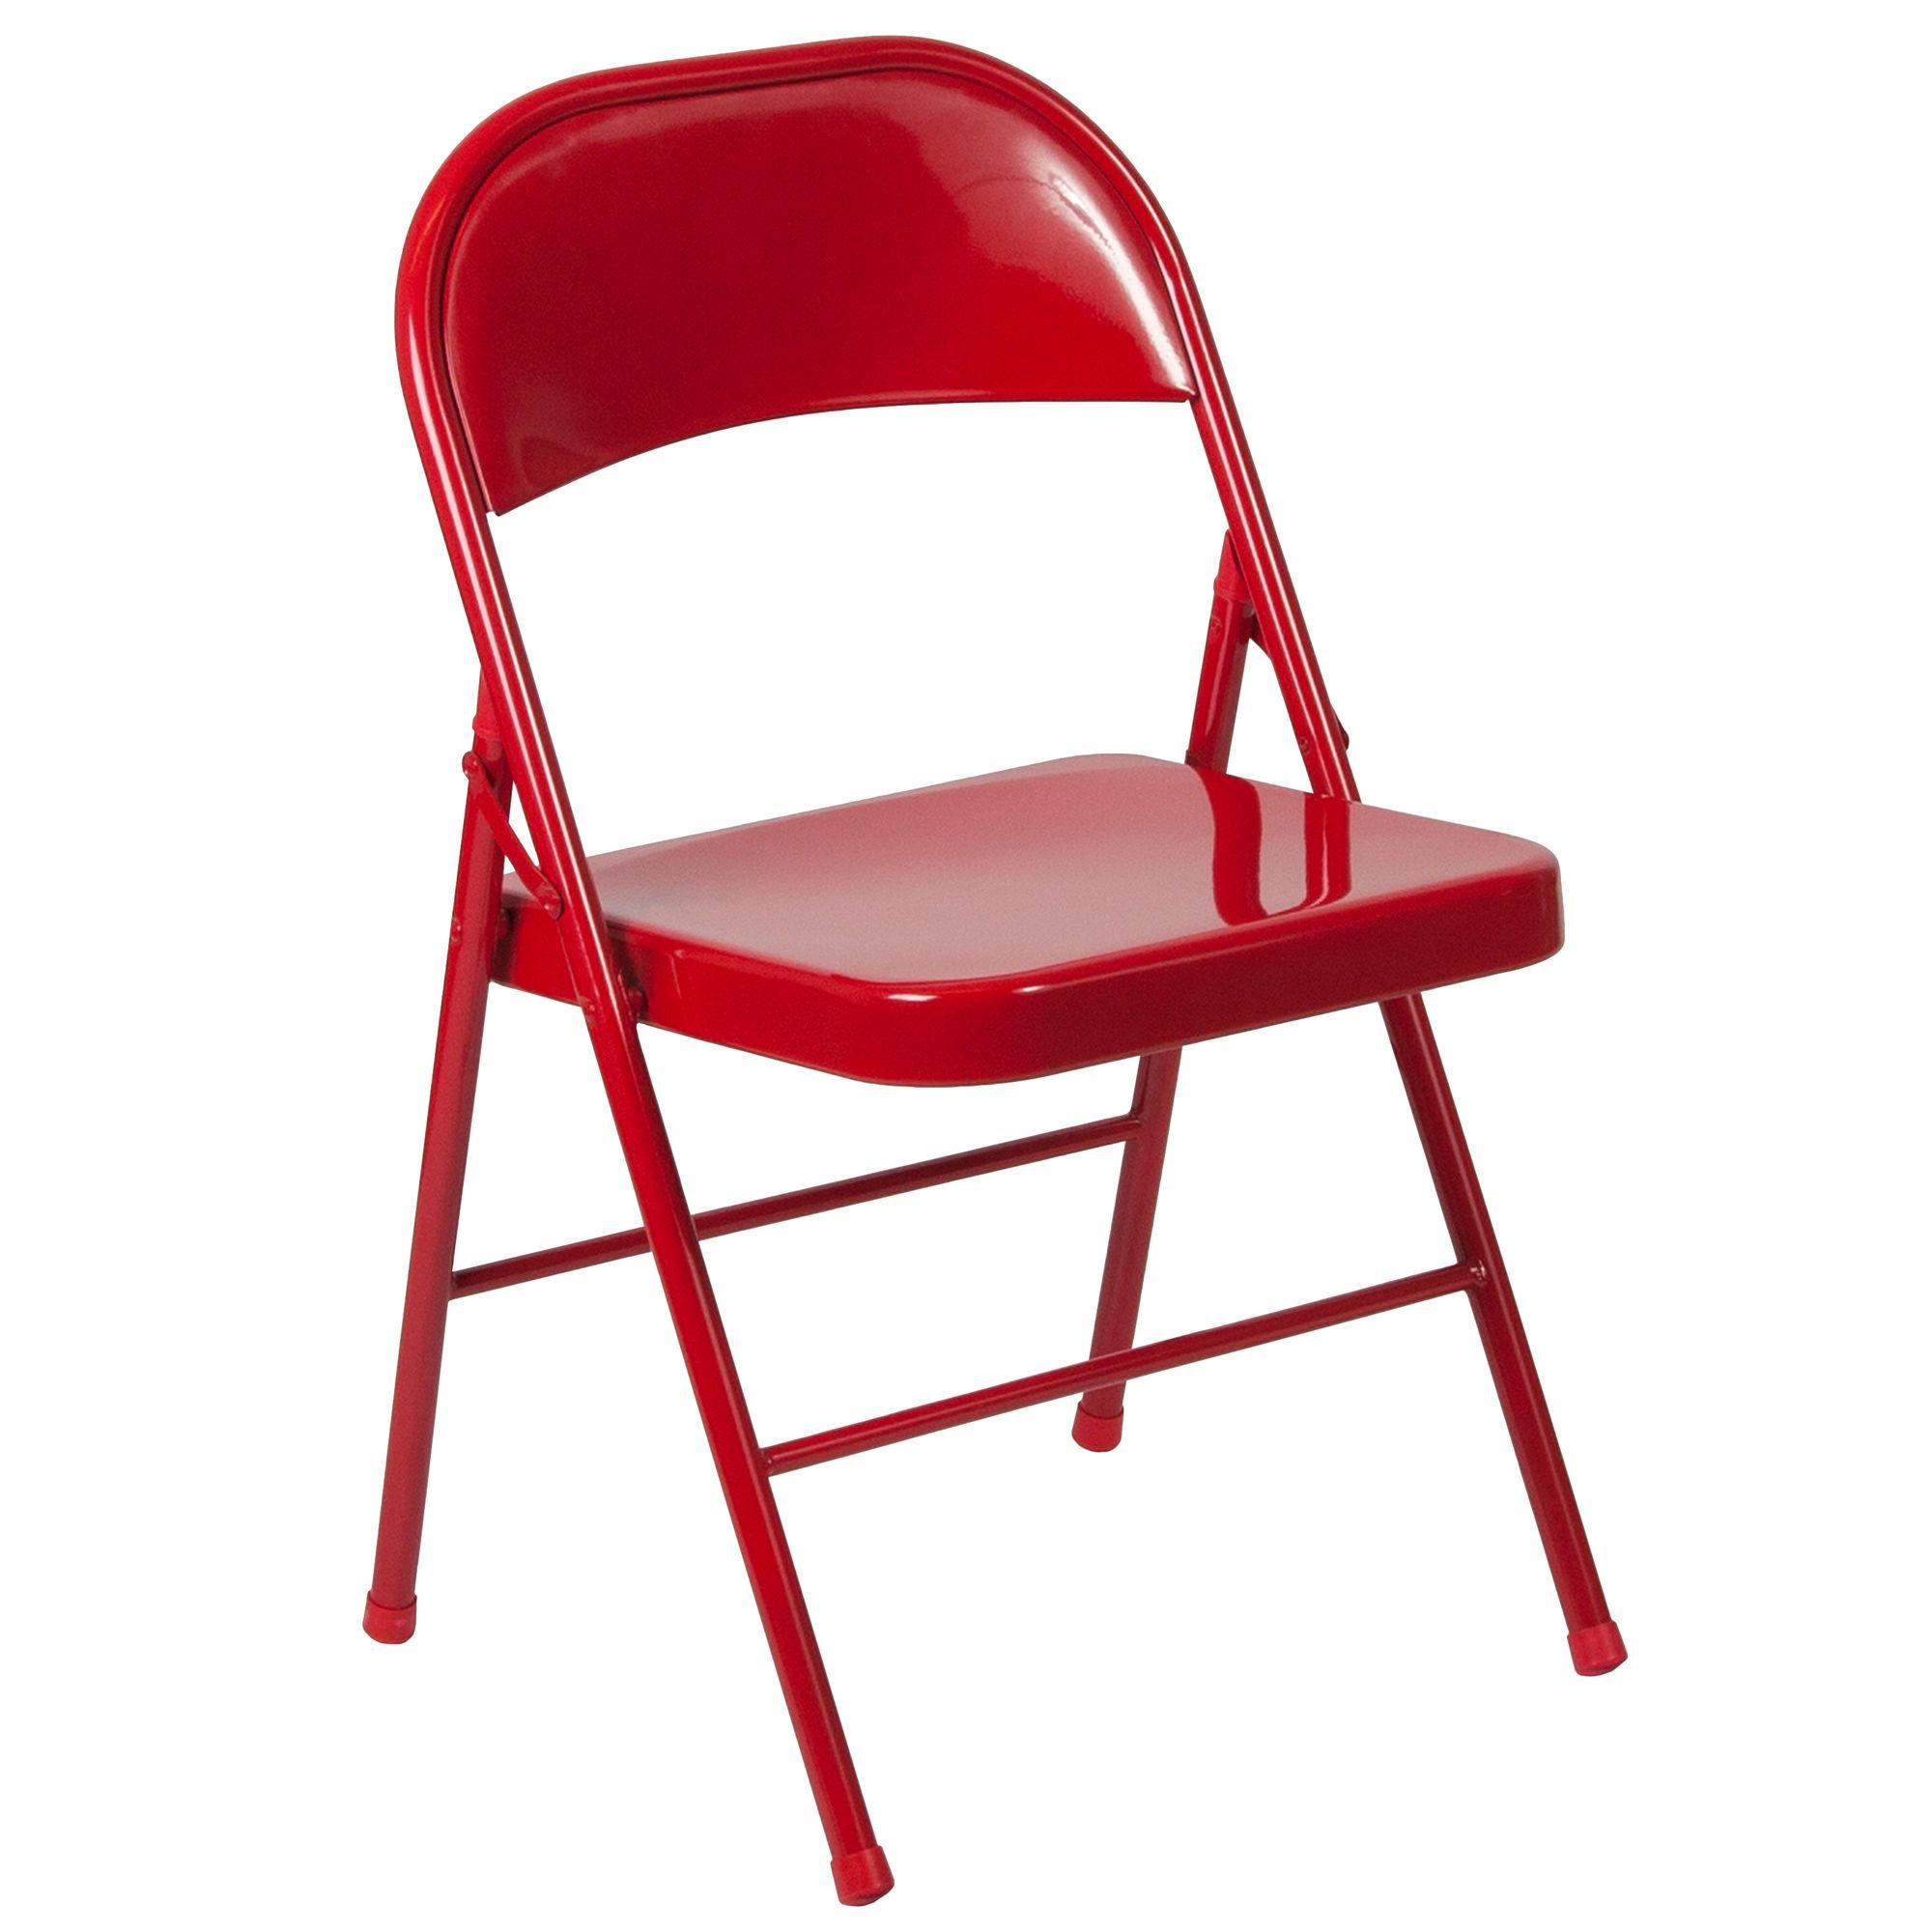 Hercules Series Double Braced Red Metal Folding Chair Metal